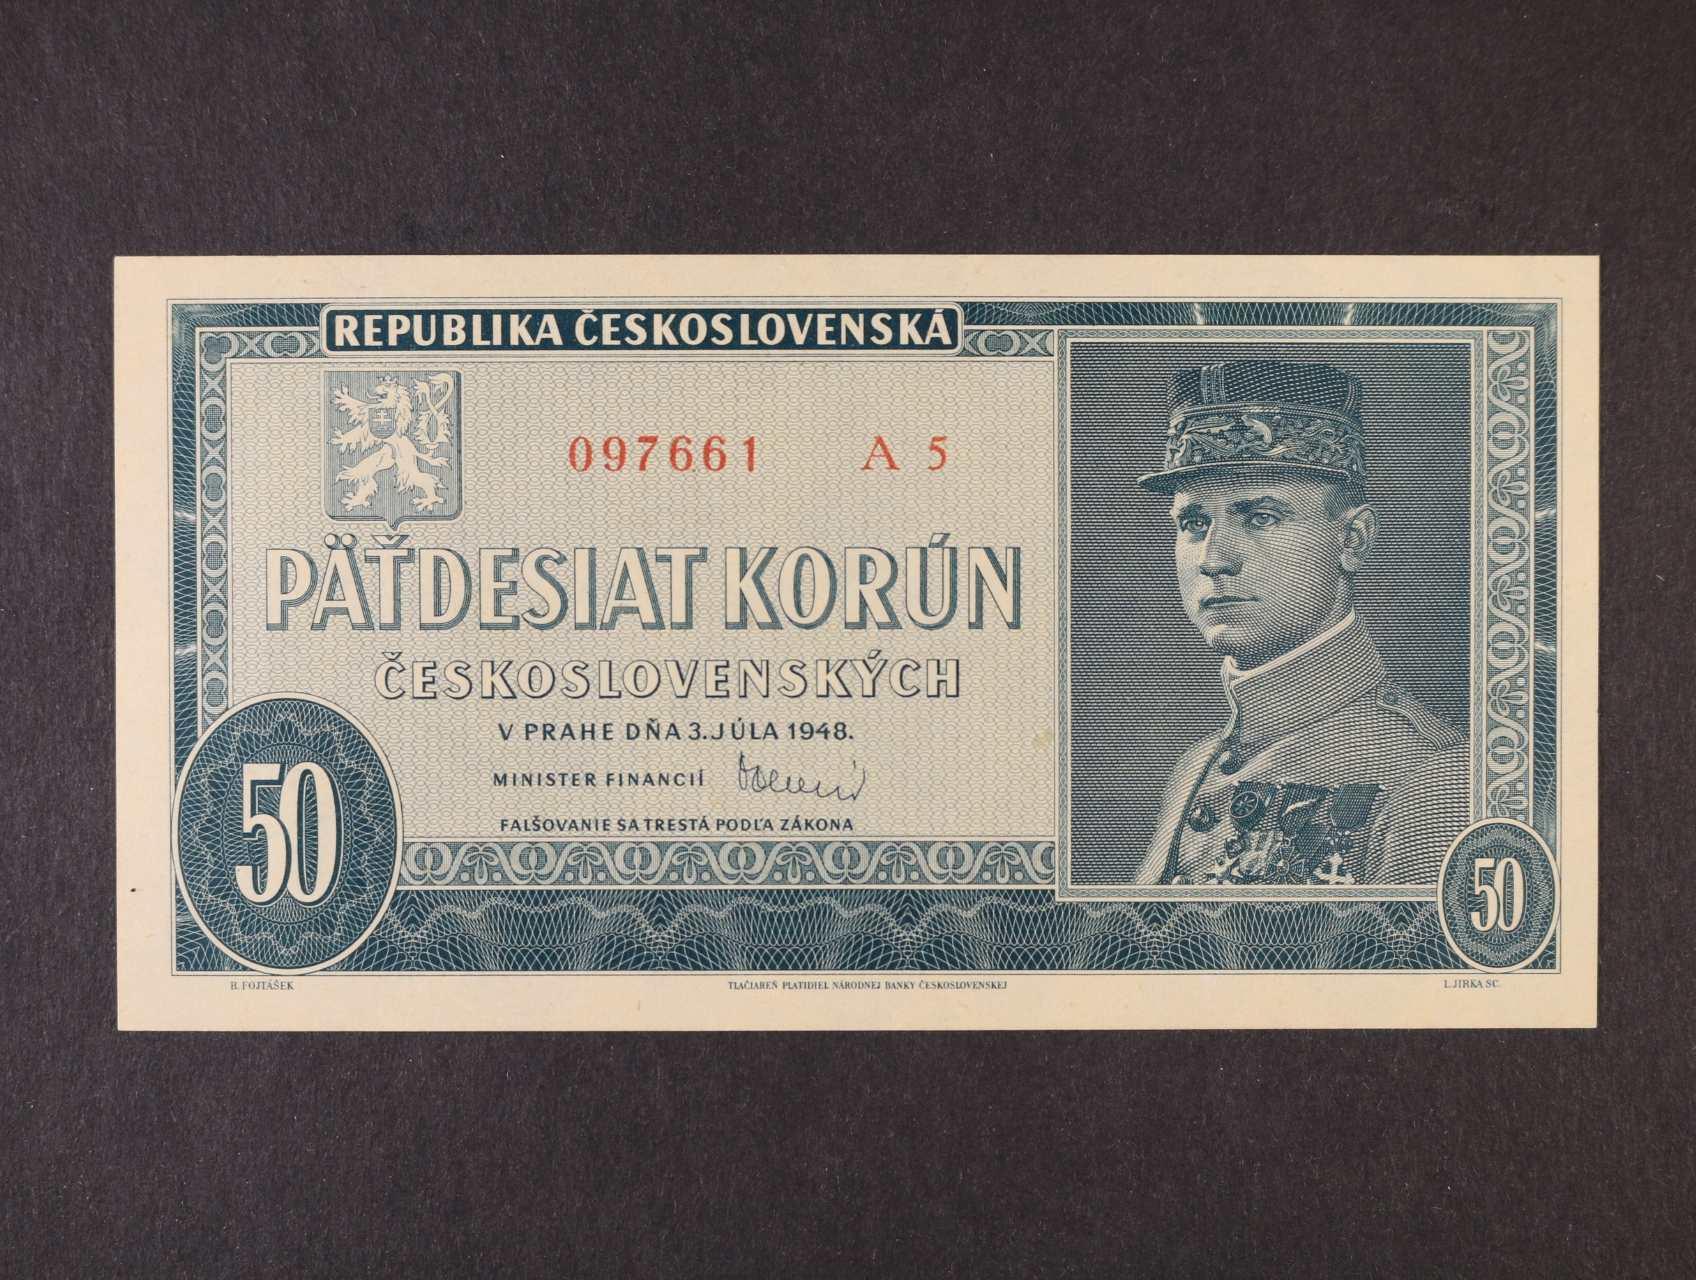 50 Kčs 3.7.1948 série A 5, Ba. 81a, Pi. 66a